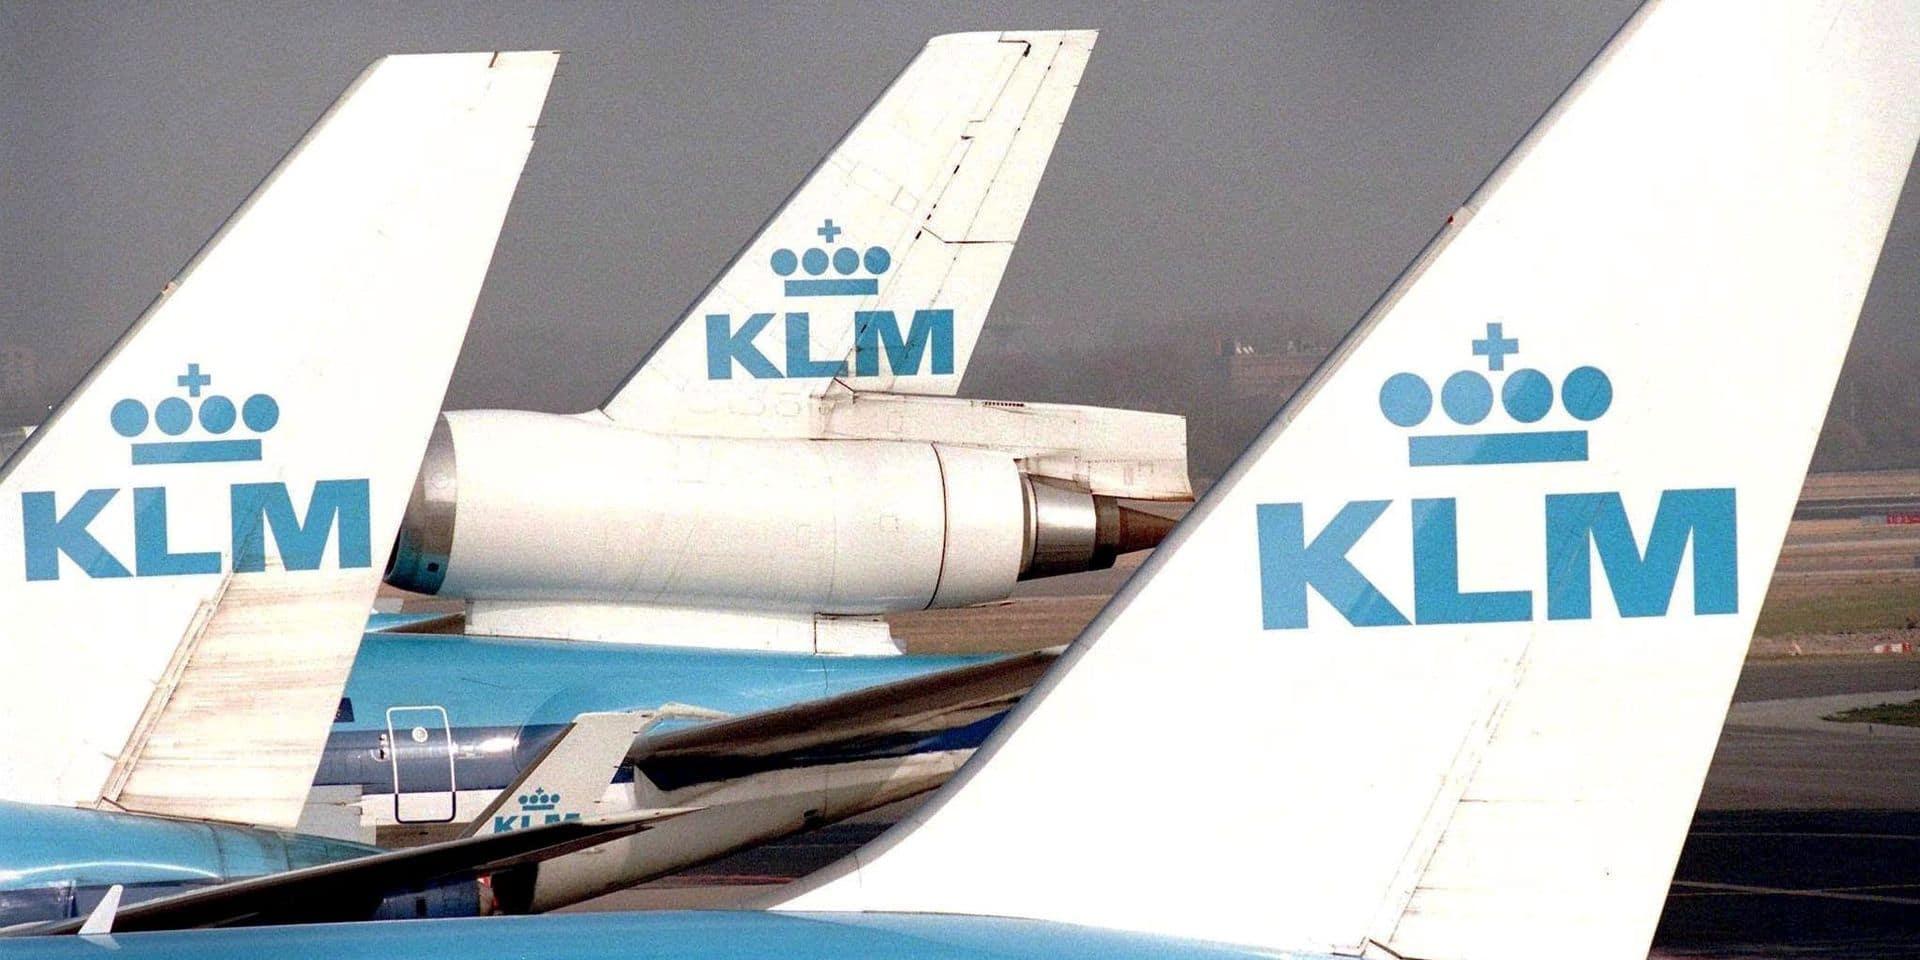 L'UE autorise l'aide néerlandaise de 3,4 milliards d'euros à KLM